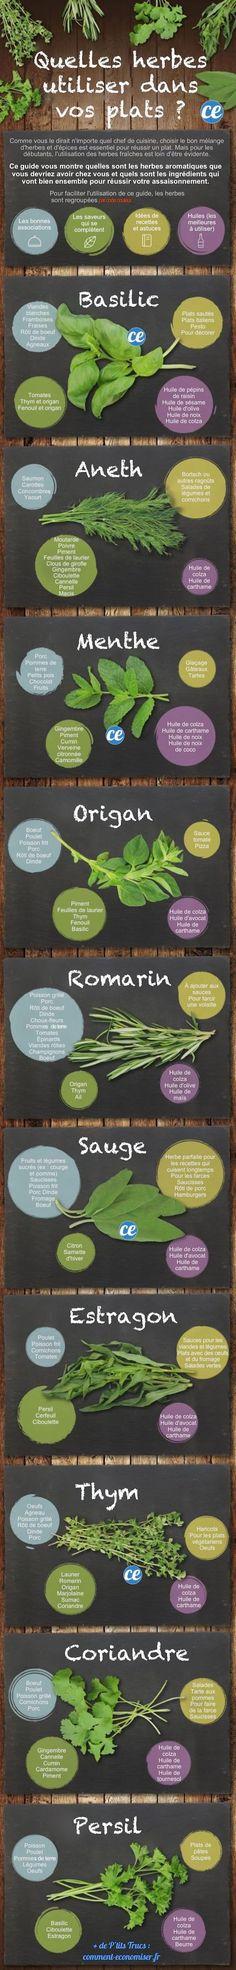 Tableau des utilisations des herbes aromatiques dans les plats